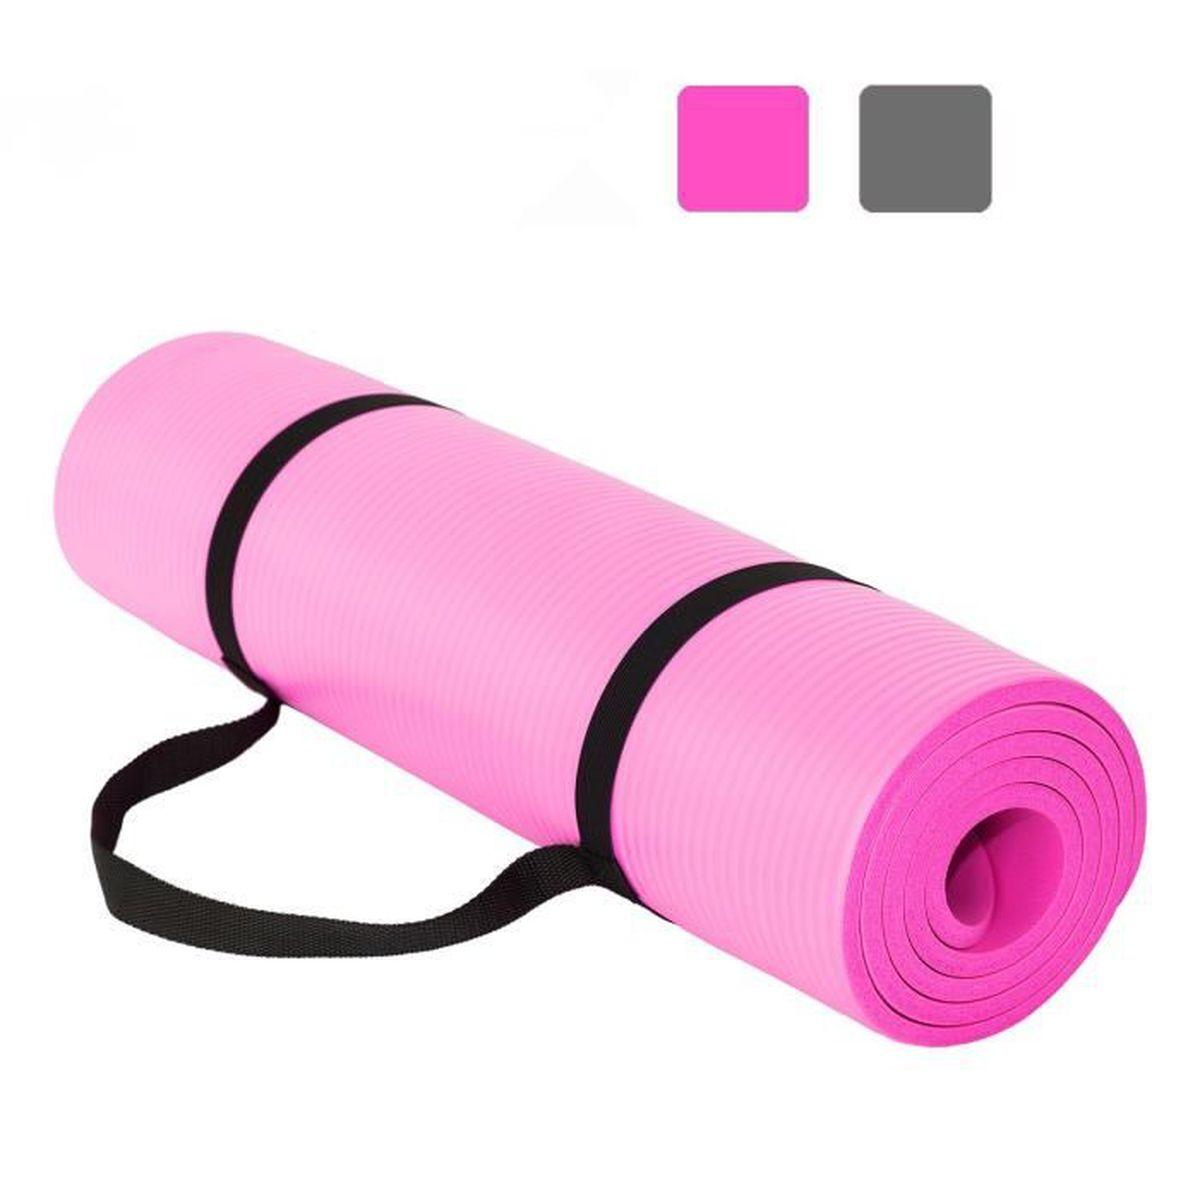 entra/înement Rose Antid/érapant fitness pilates Extra-/épais Tapis de yoga gym 20/mm d/épaisseur exercice